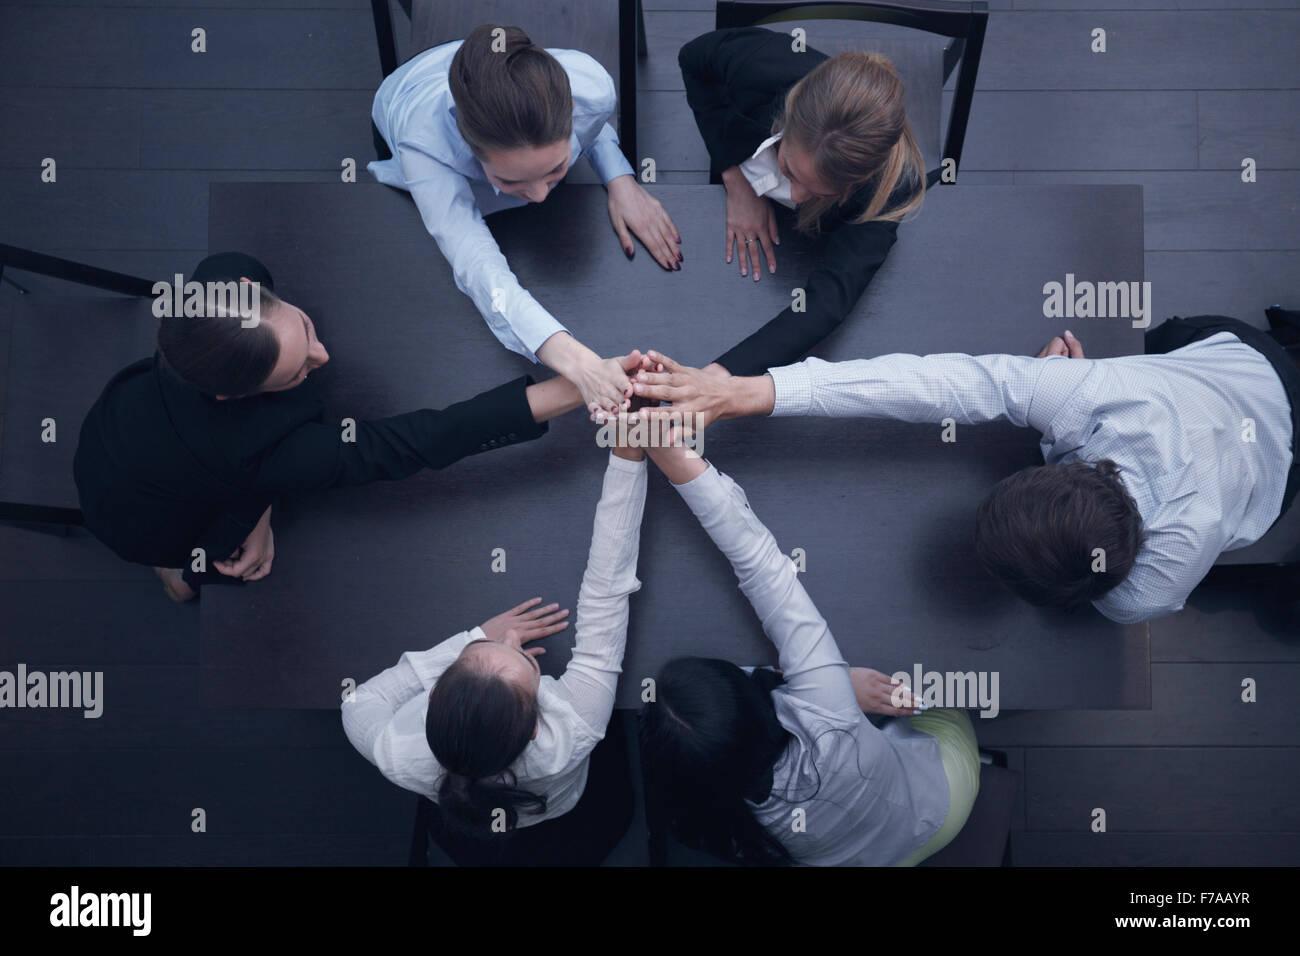 Las personas con sus manos juntas. Trabajo en equipo concepto empresarial Imagen De Stock